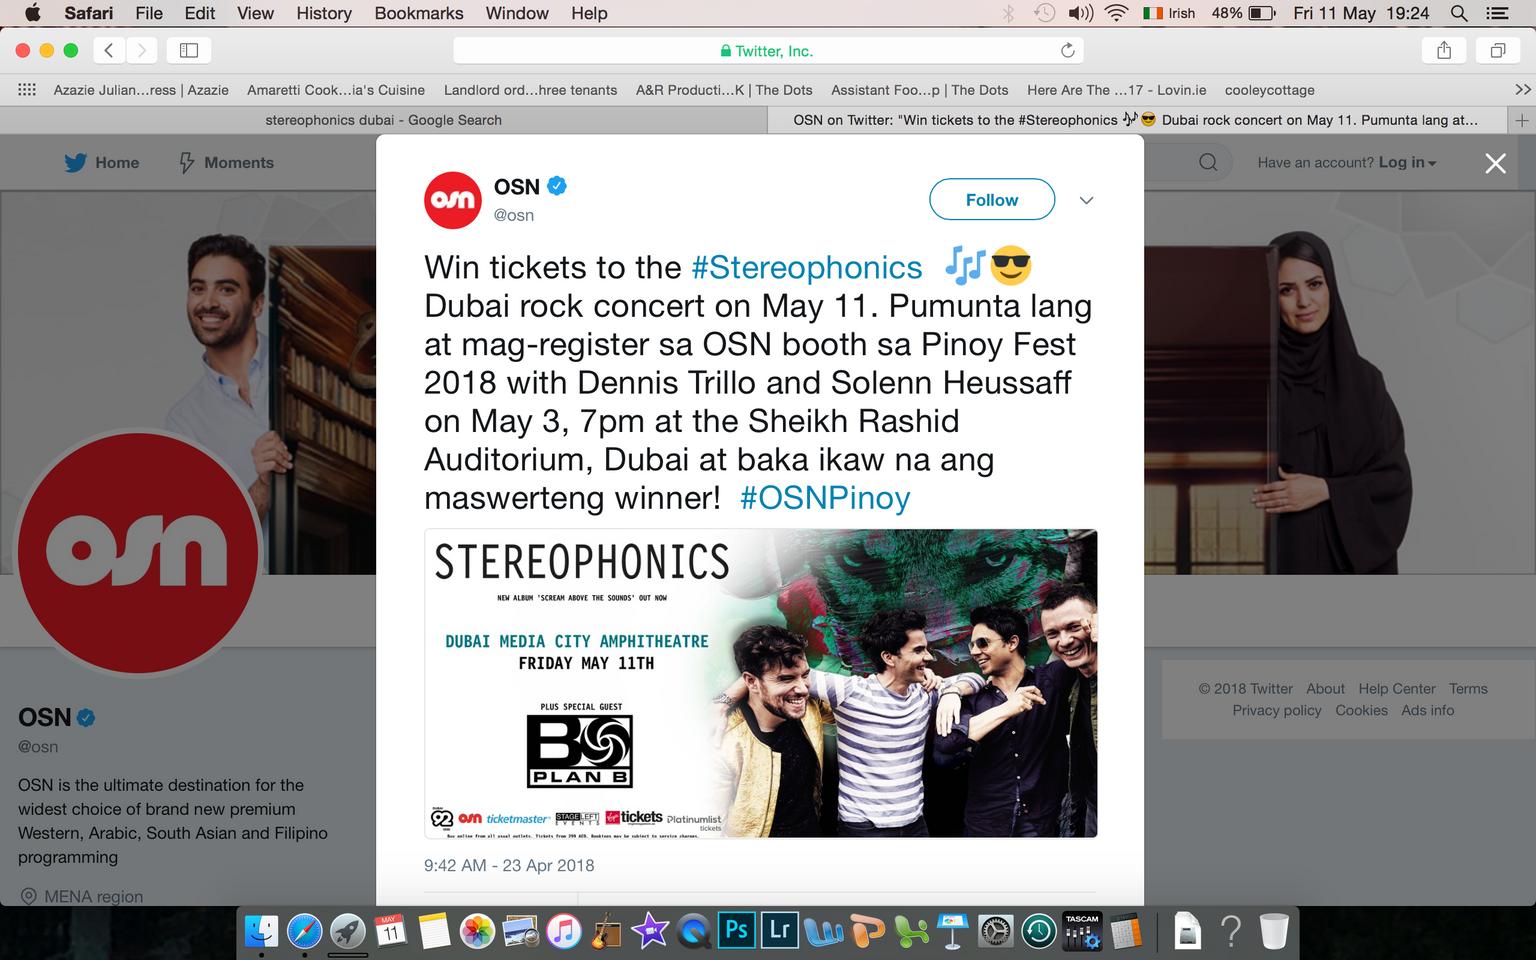 Screen Shot 2018-05-11 at 19.24.49.png